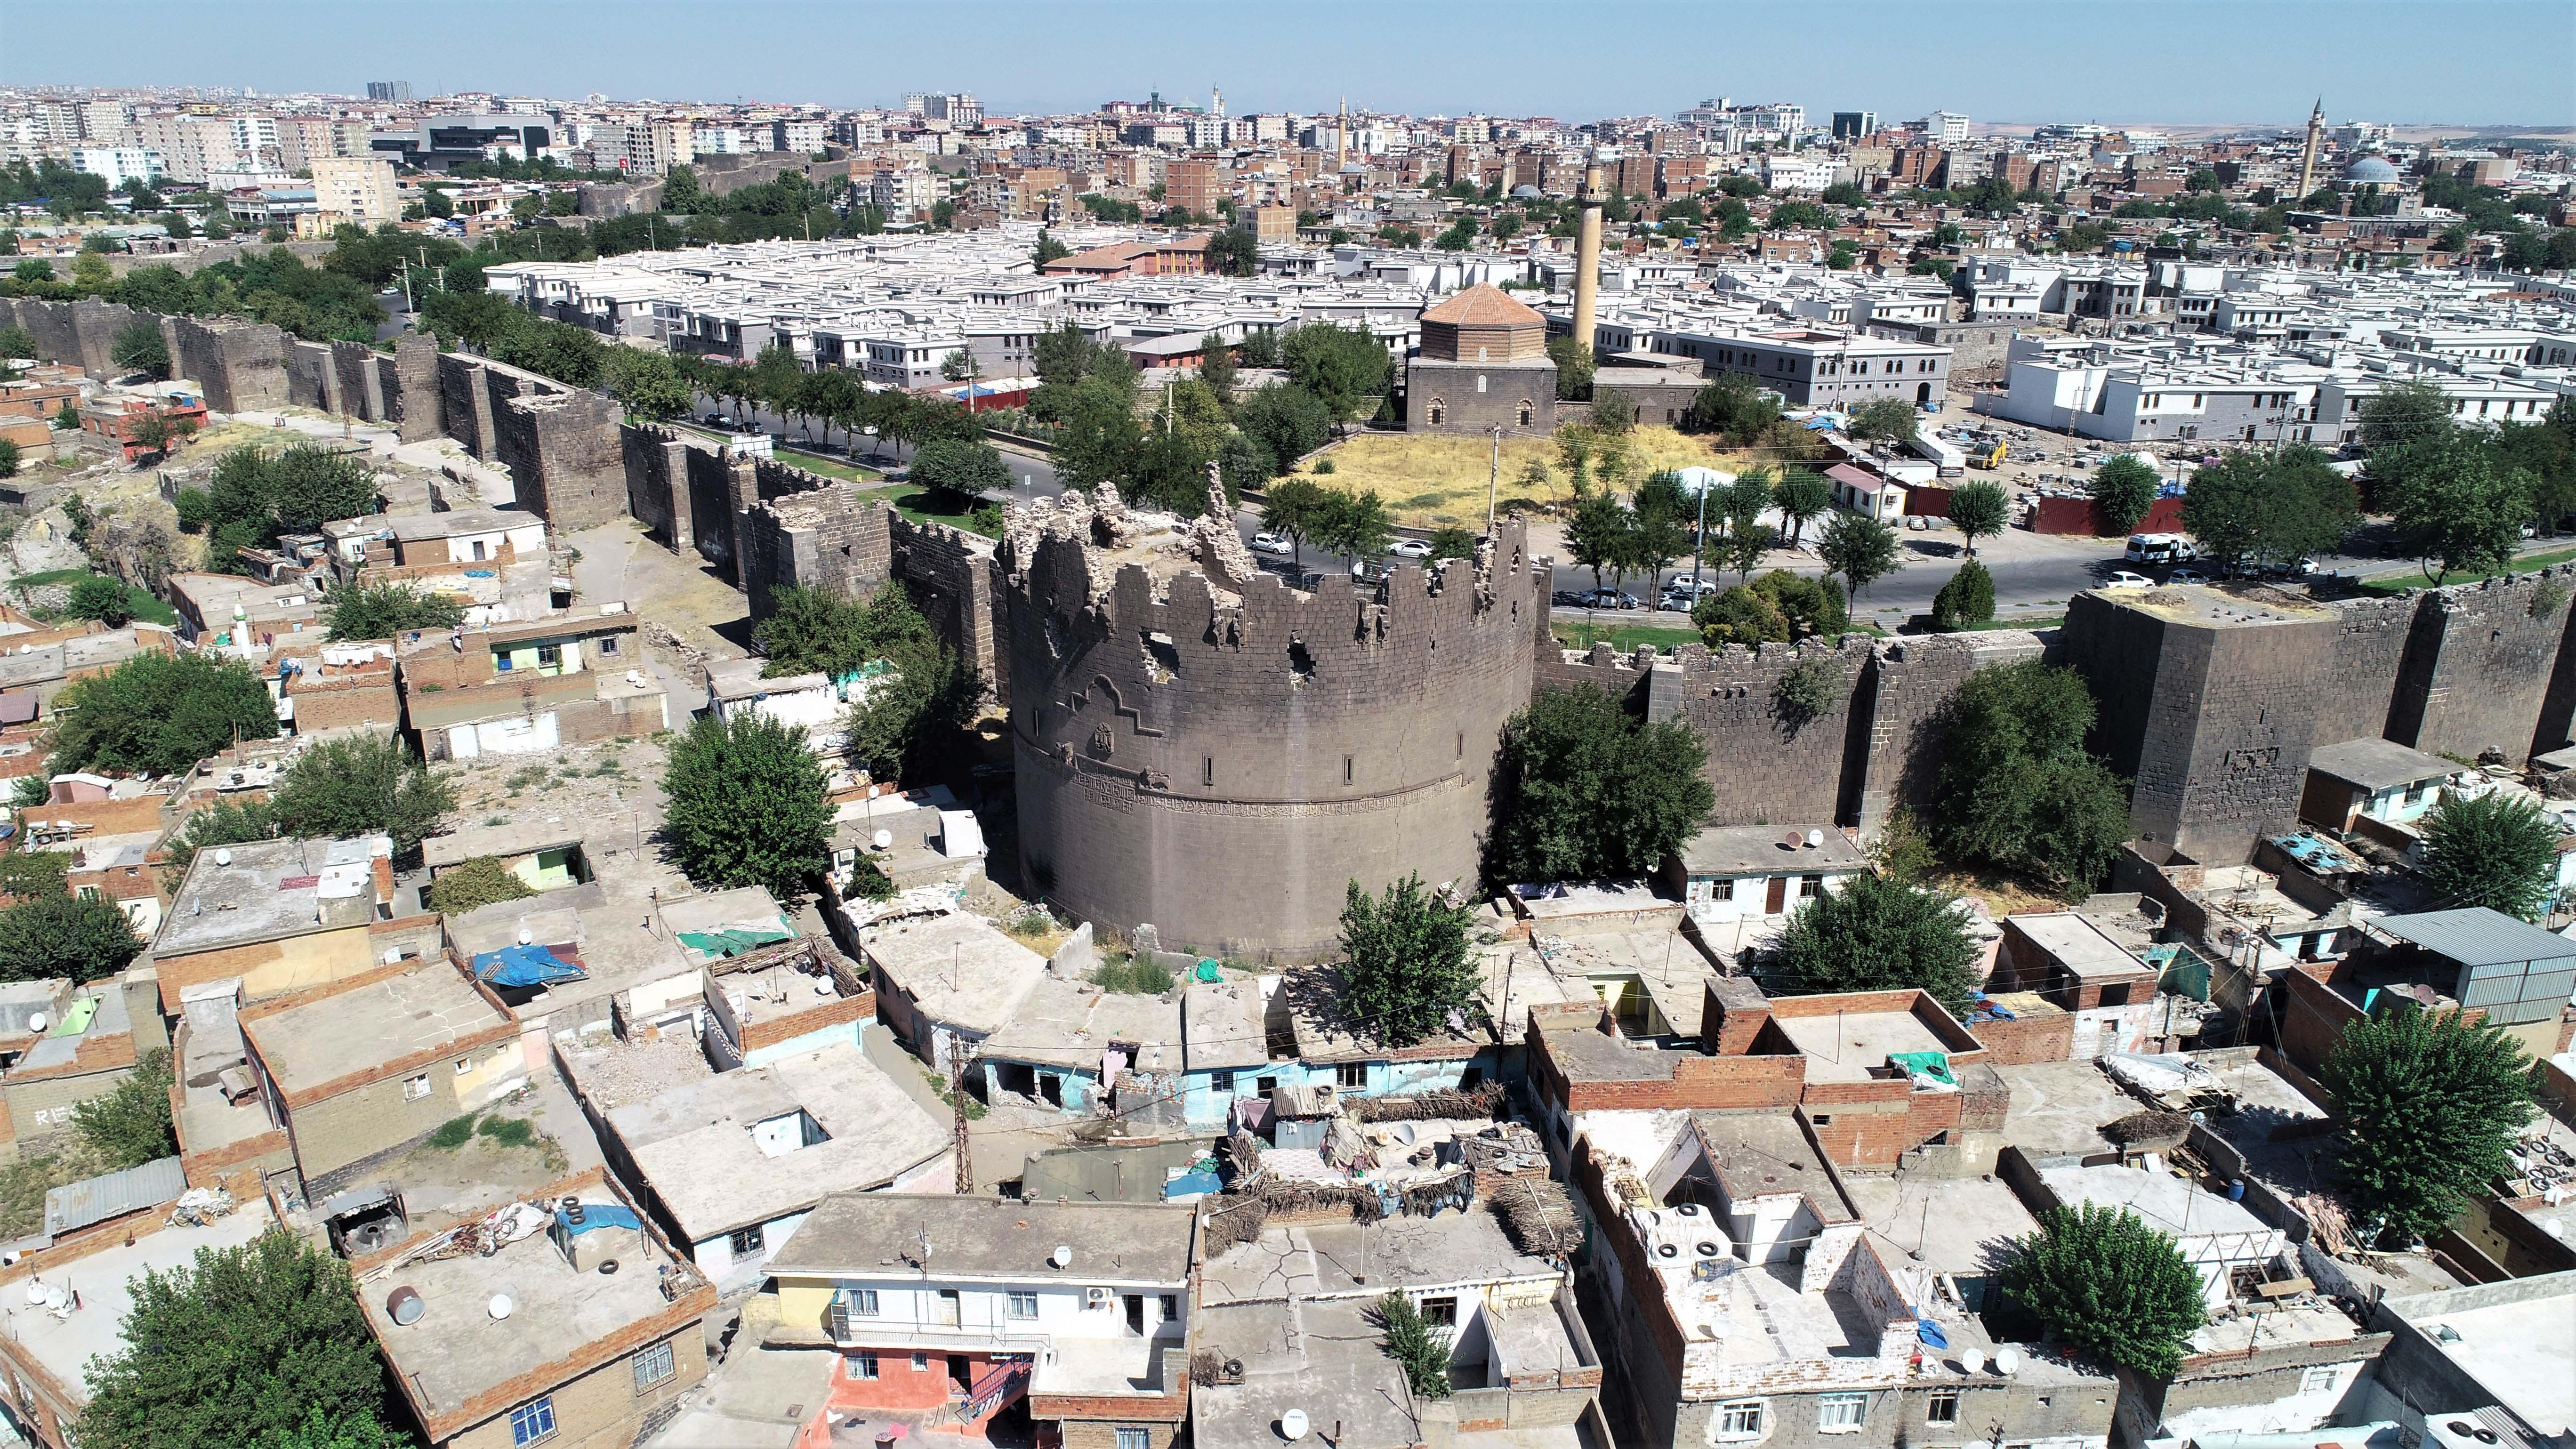 Tarihi surlar kazıldıkça topraktan fışkırdı! Diyarbakır'da tüyleri diken diken eden olay! Bilim insanları şaşkına döndü!